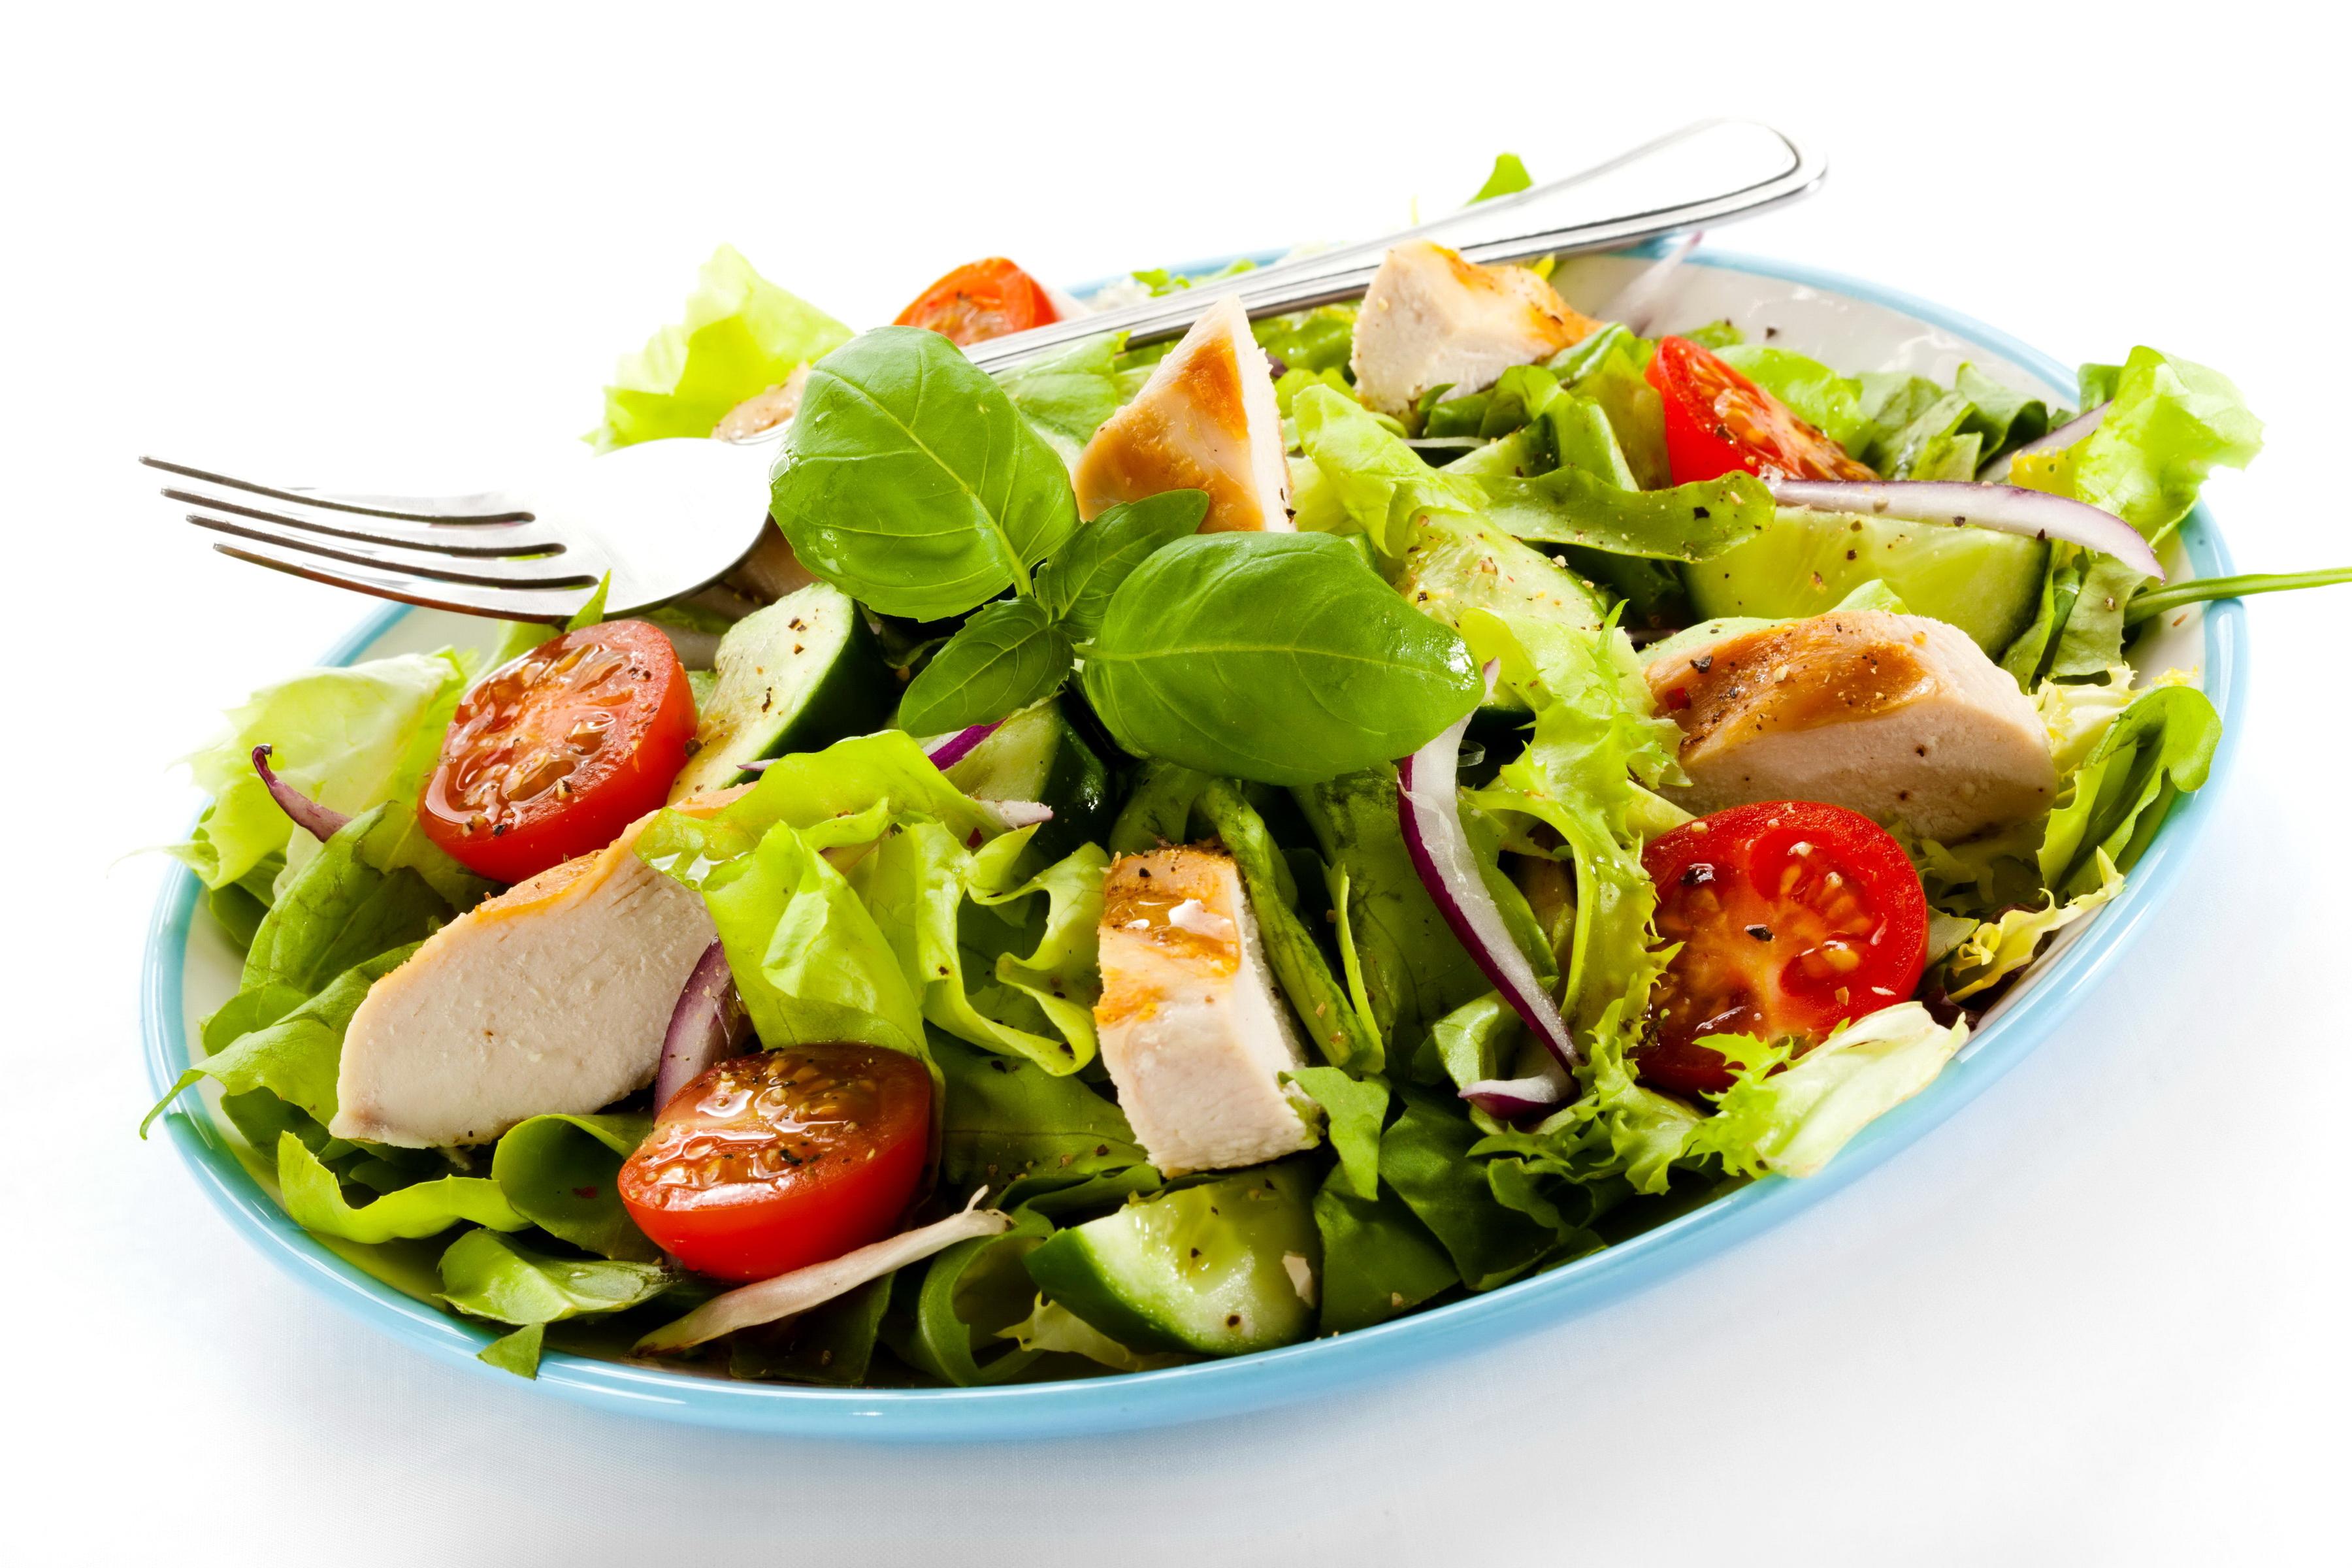 959446-salads